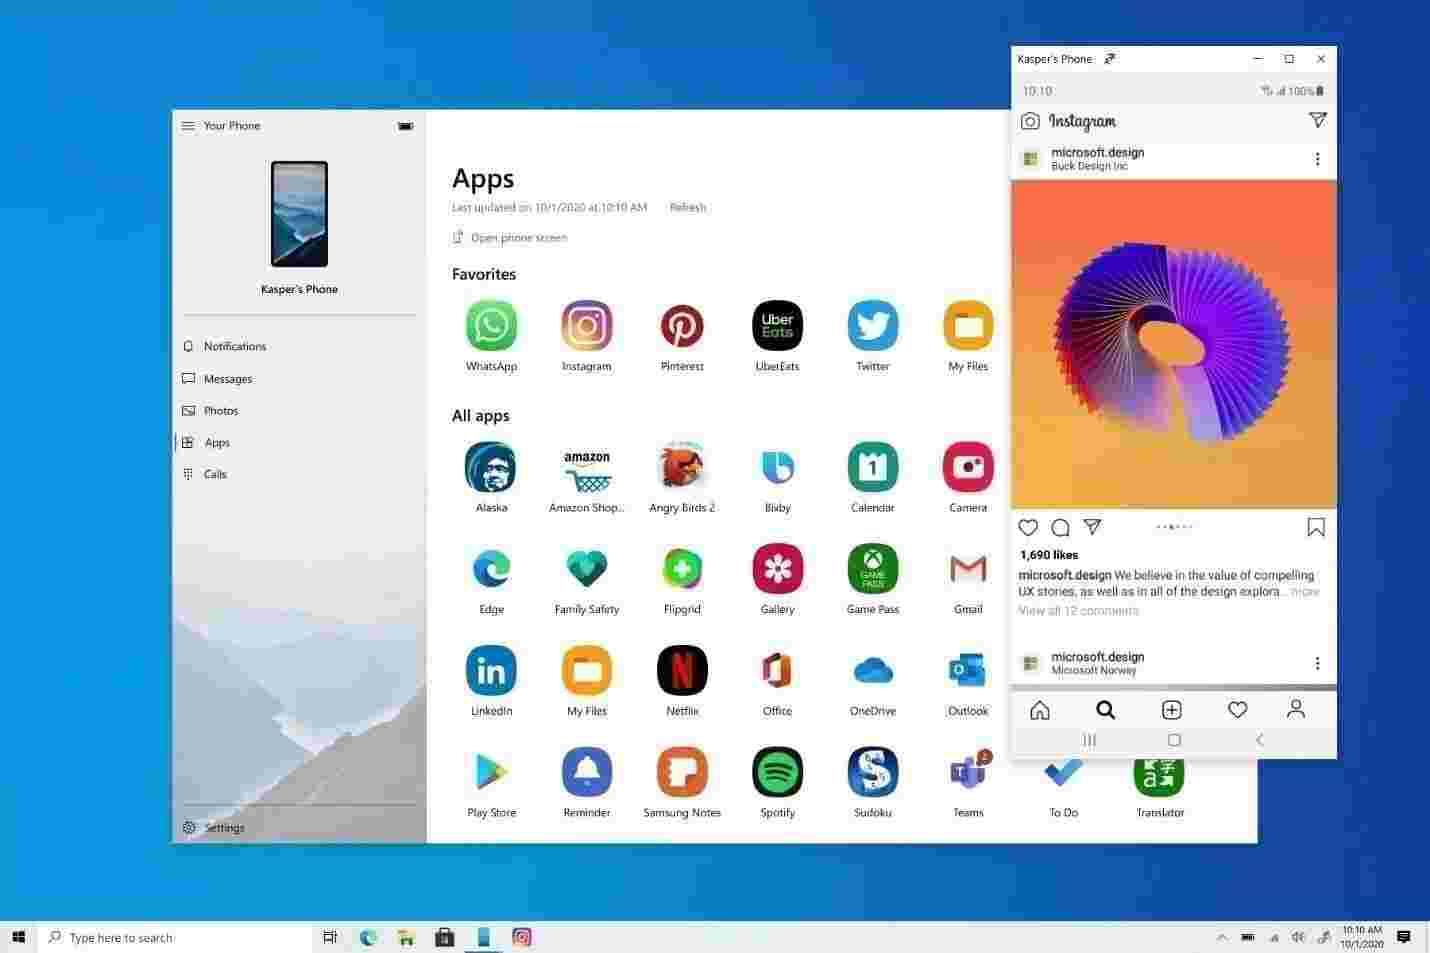 تشغيل تطبيقات الأندرويد على ويندوز 10 بدون برامج